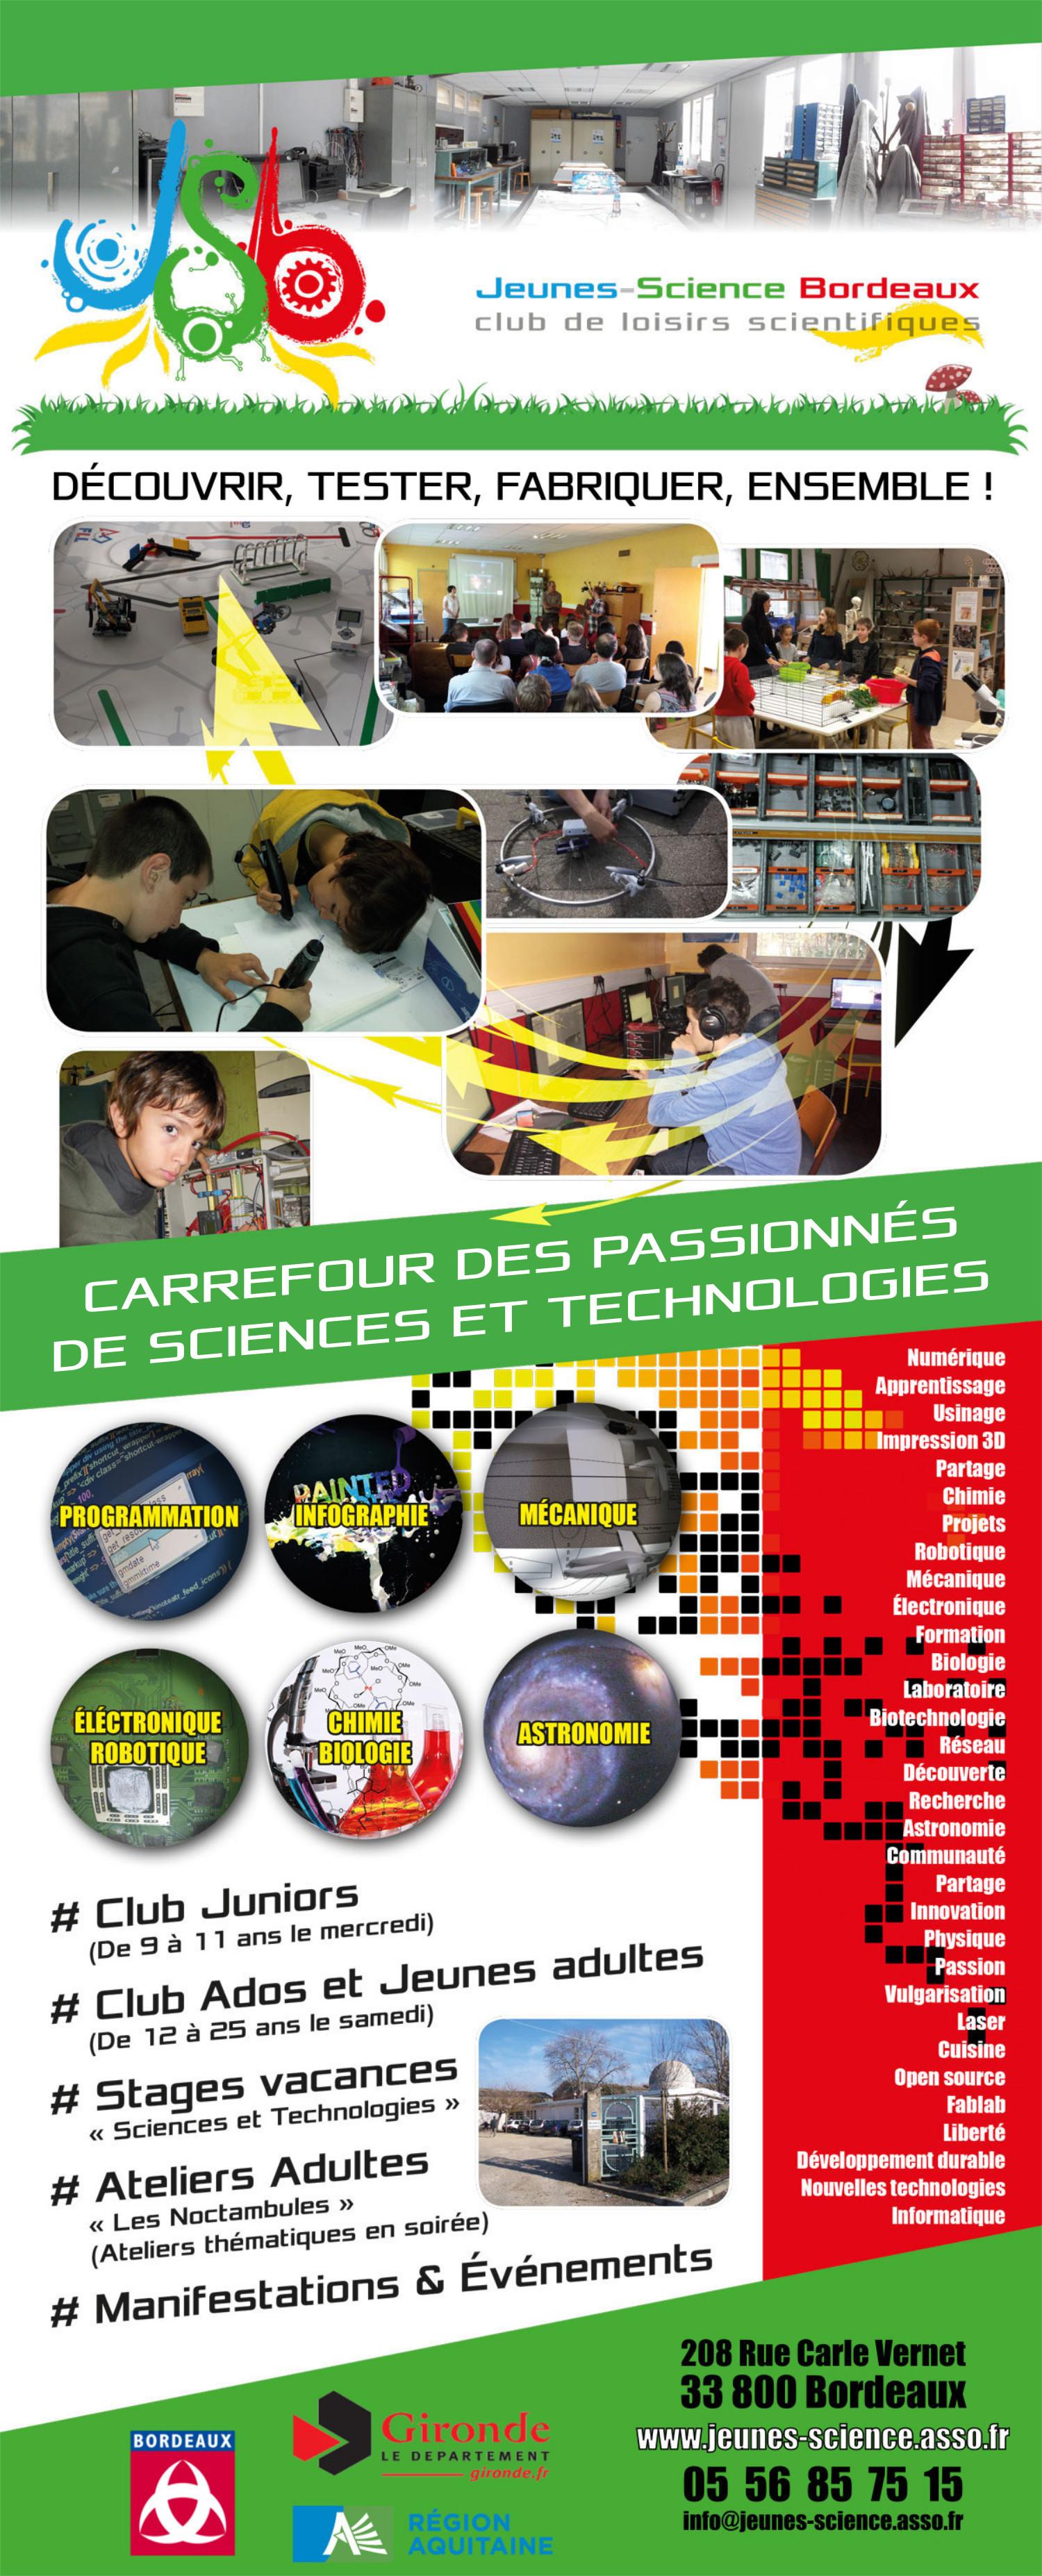 Grande affiche de Jeunes-Science Bordeaux